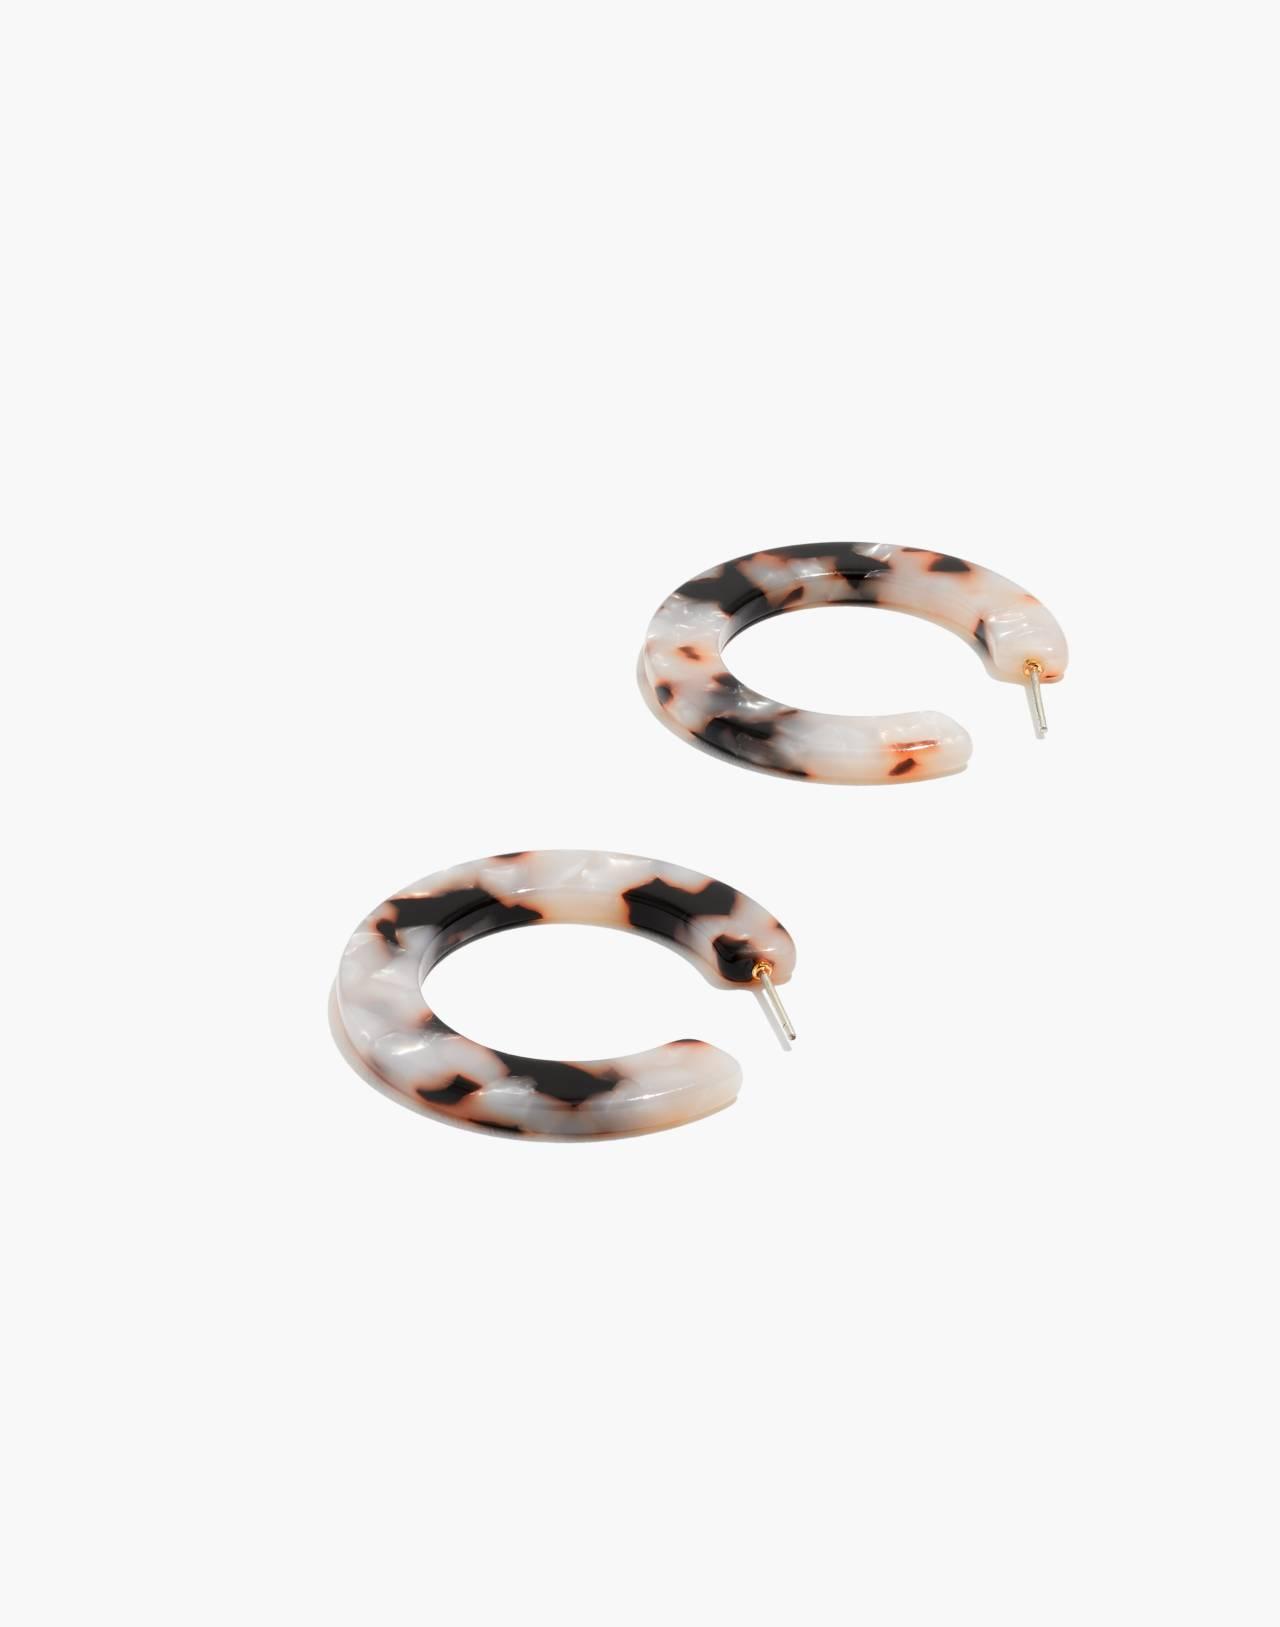 Acetate Hoop Earrings in shell tort image 1